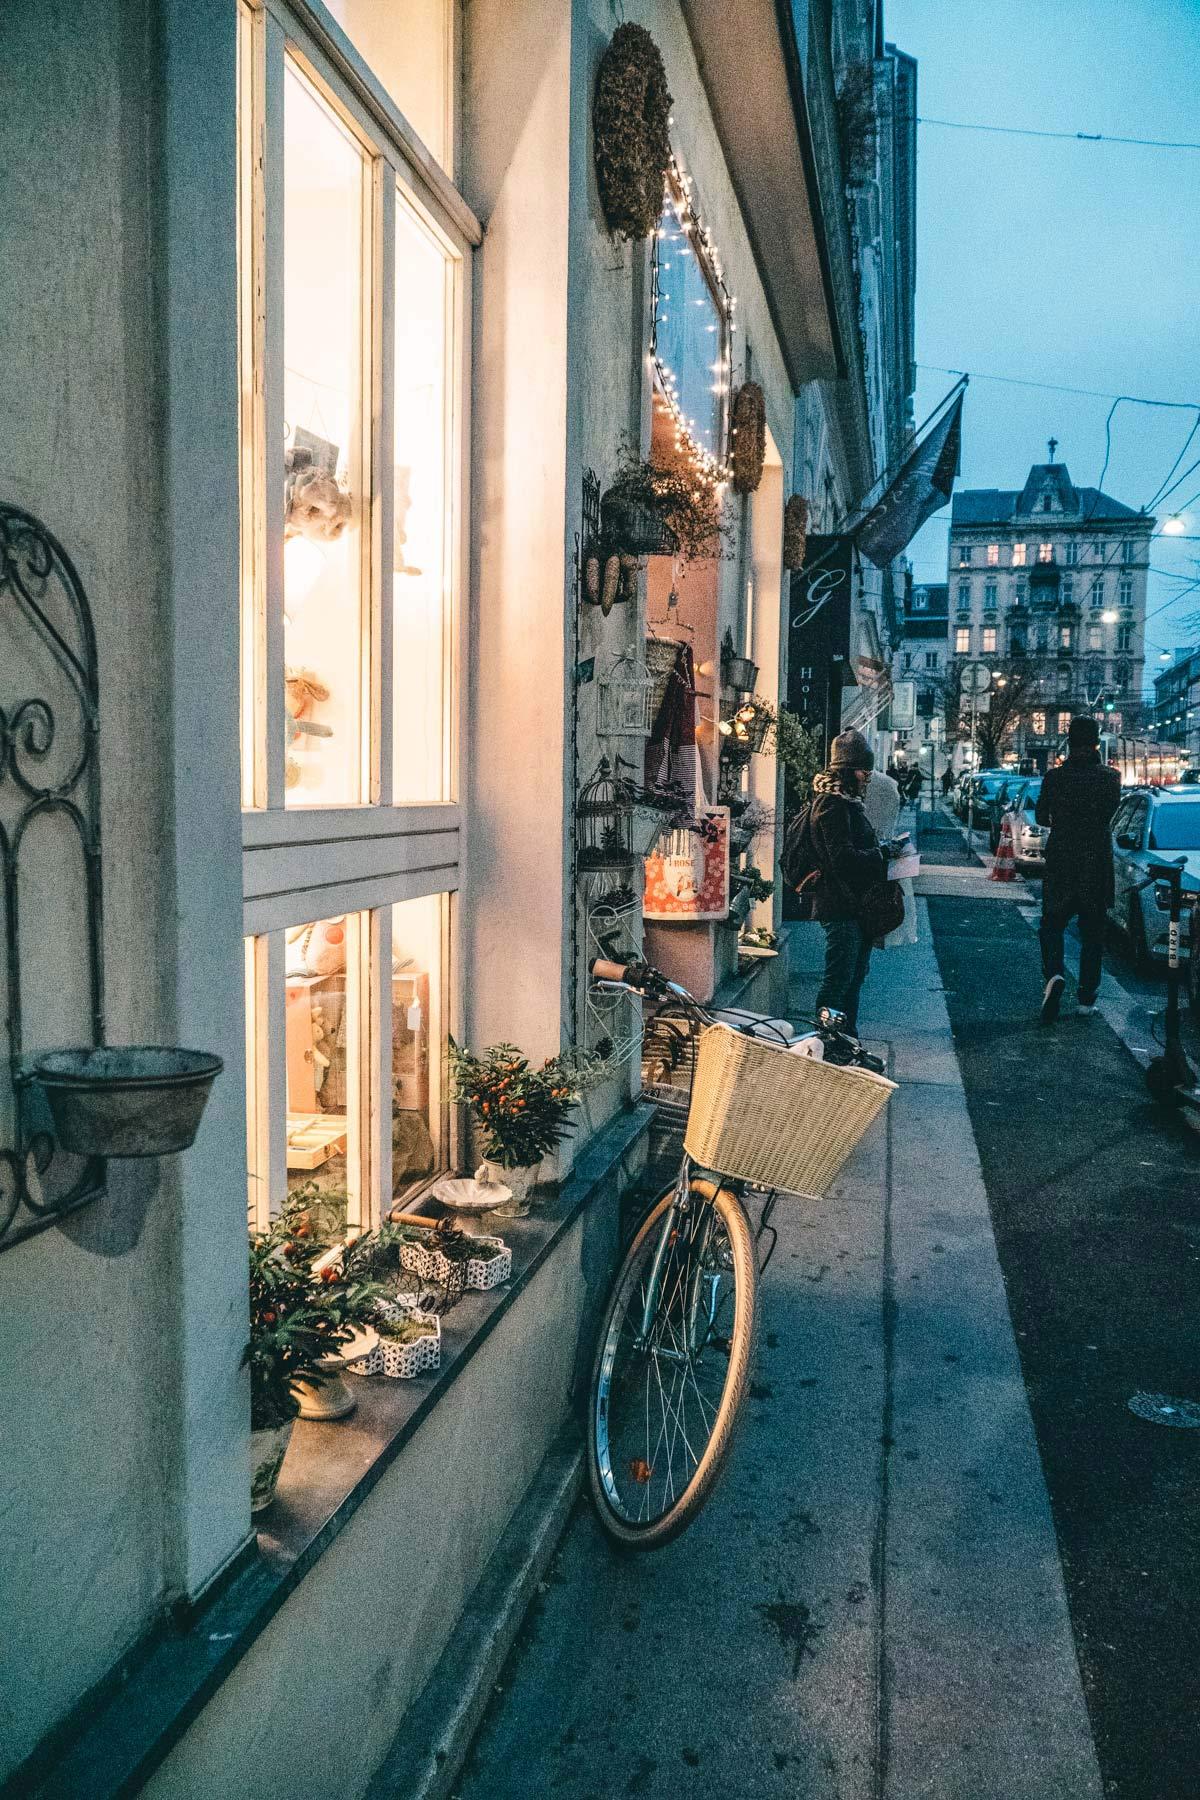 Gasse in Wien